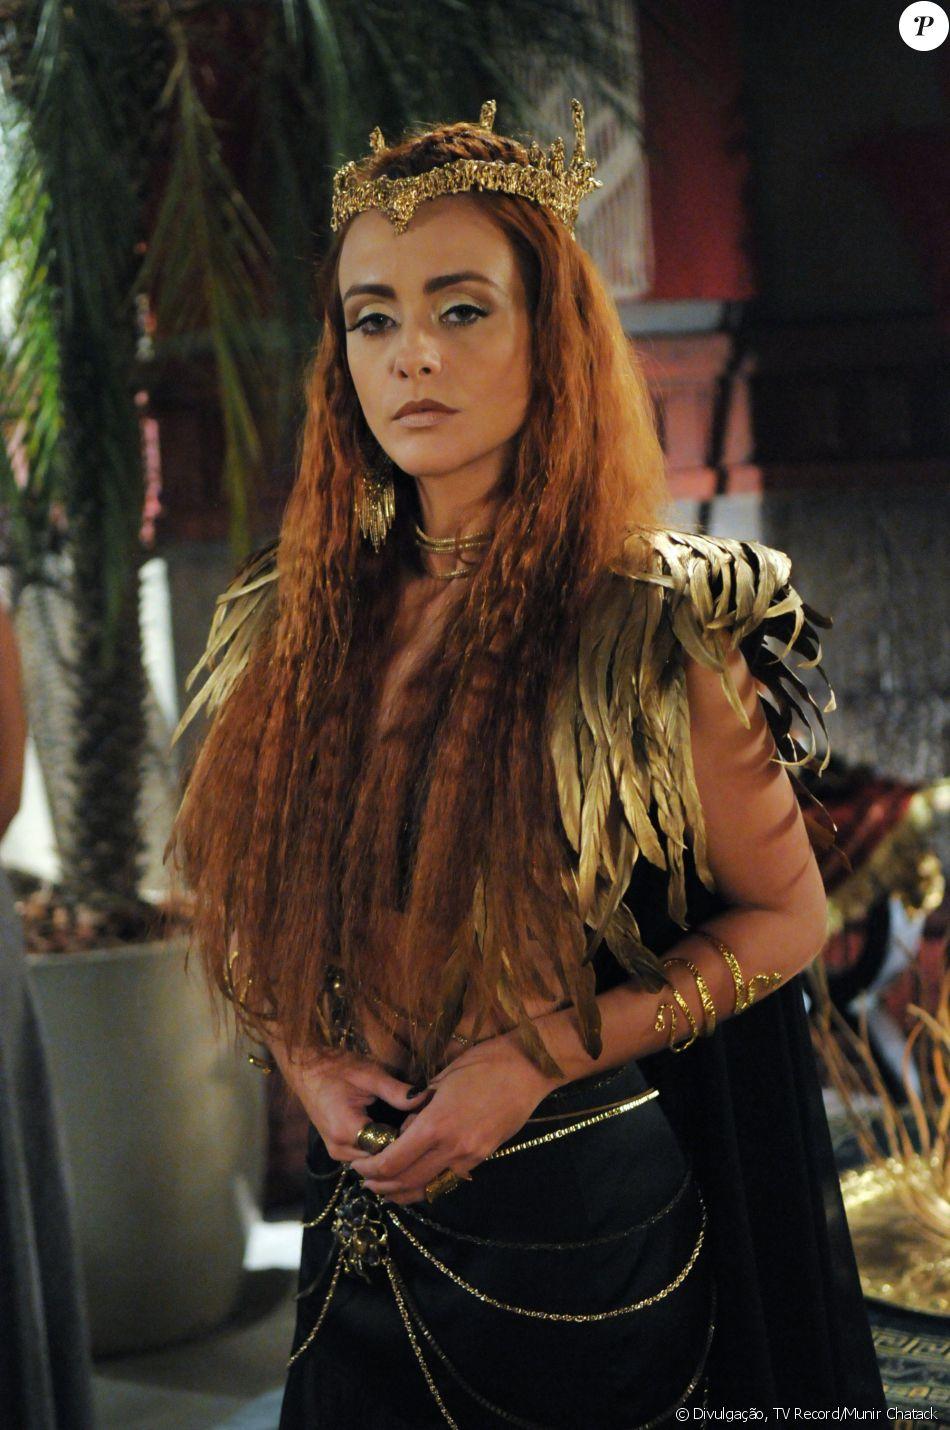 Rainha Kalesi (Julian Silveira) é a soberana cruel e sádica da cidade Jericó, casada com Marek (Igor Rickli), na novela 'A Terra Prometida'